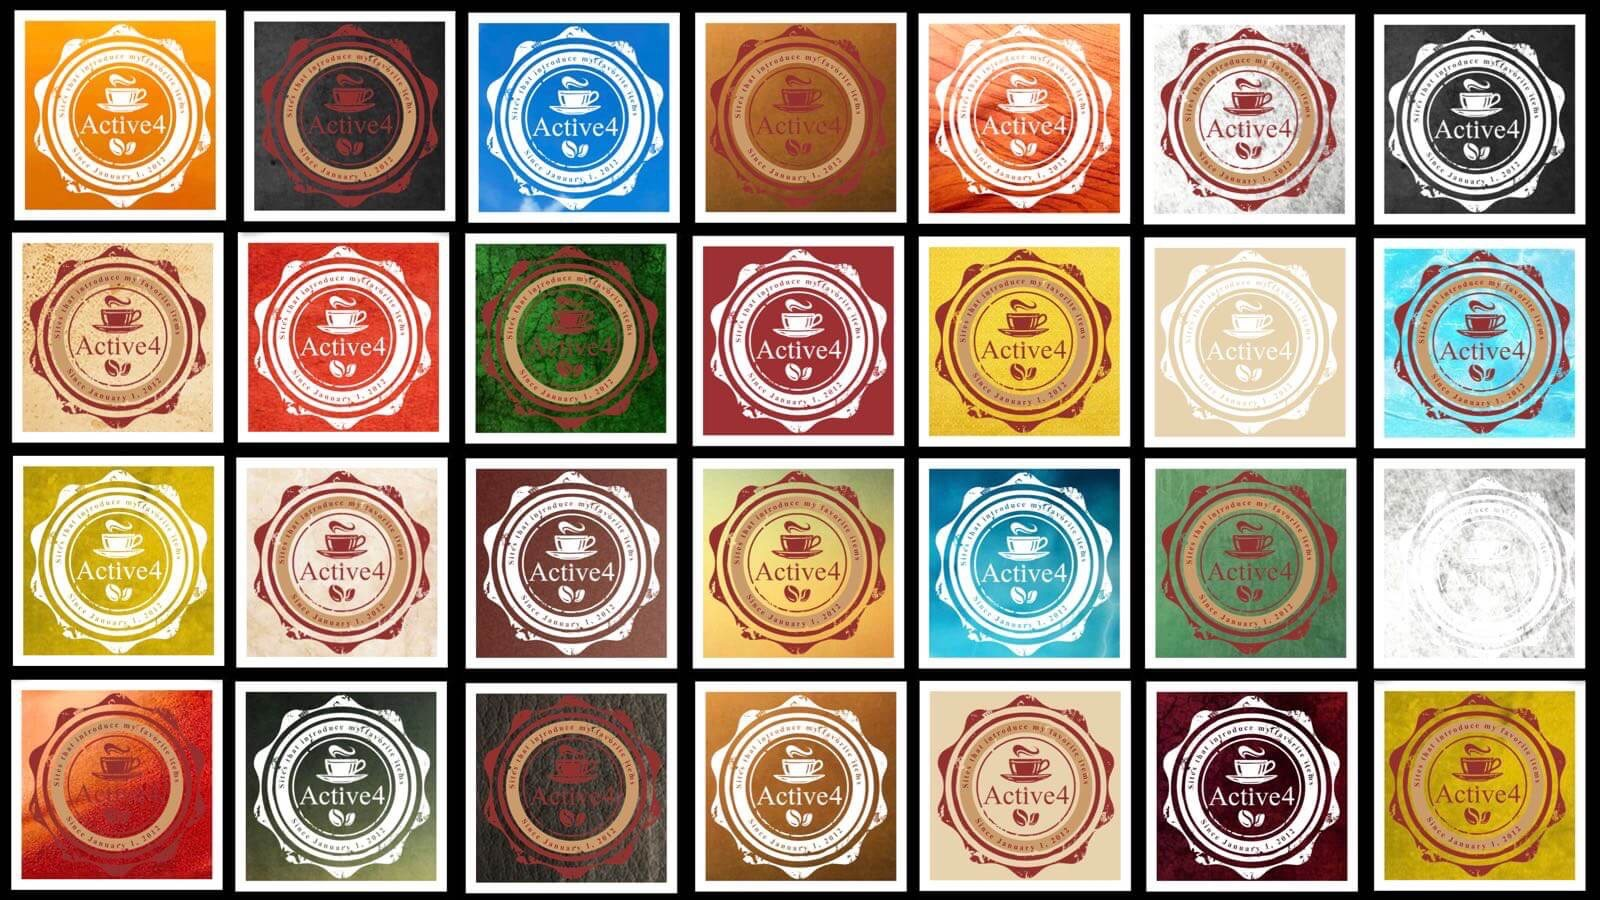 [0201] ココナラで作成したロゴに最適な背景を探す。カラーコーディネーターの意見も聞いてみたよ